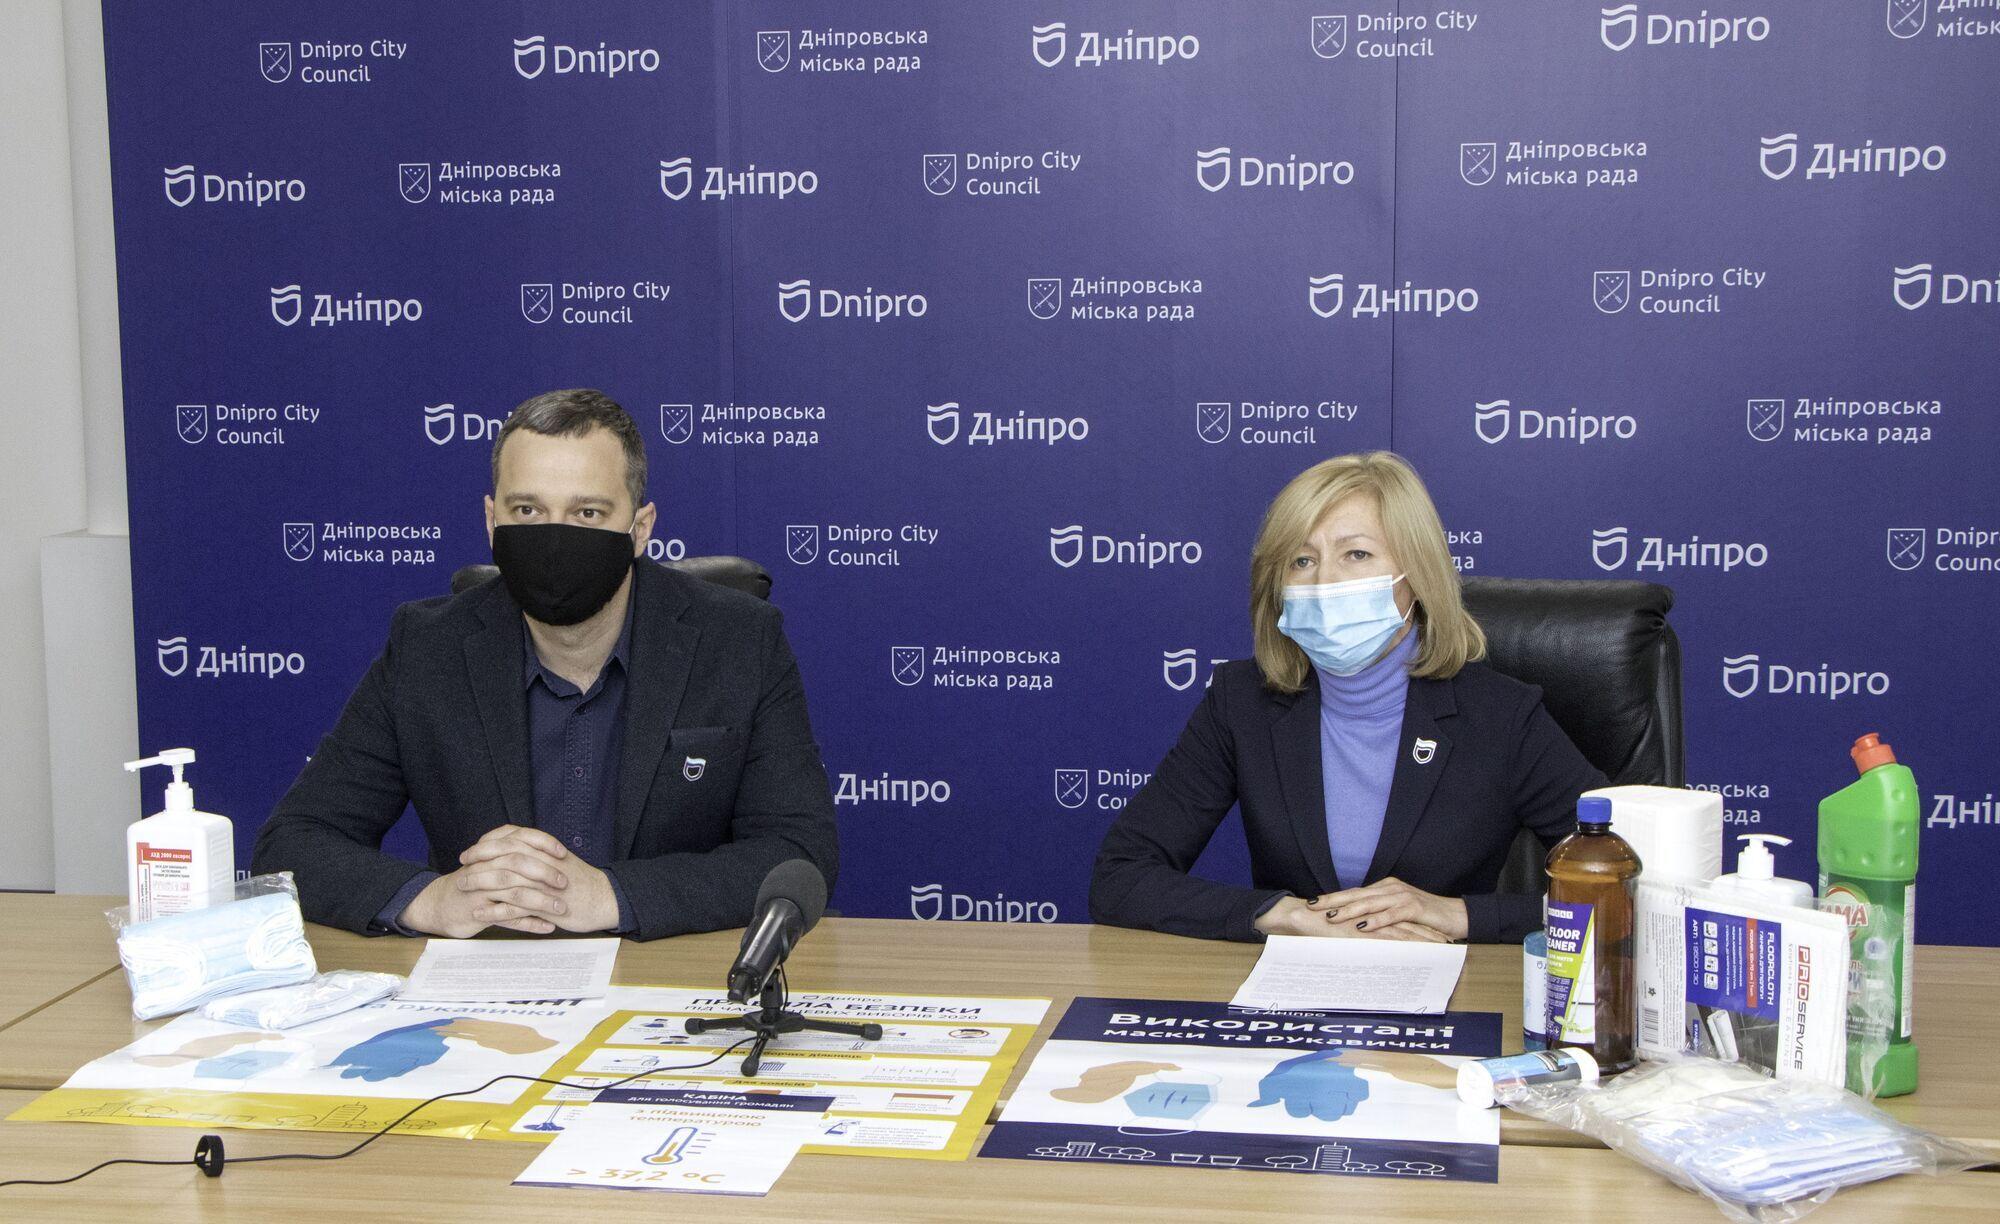 В Днепре рассказали об усилении противоэпидемических мероприятий на избирательных участках